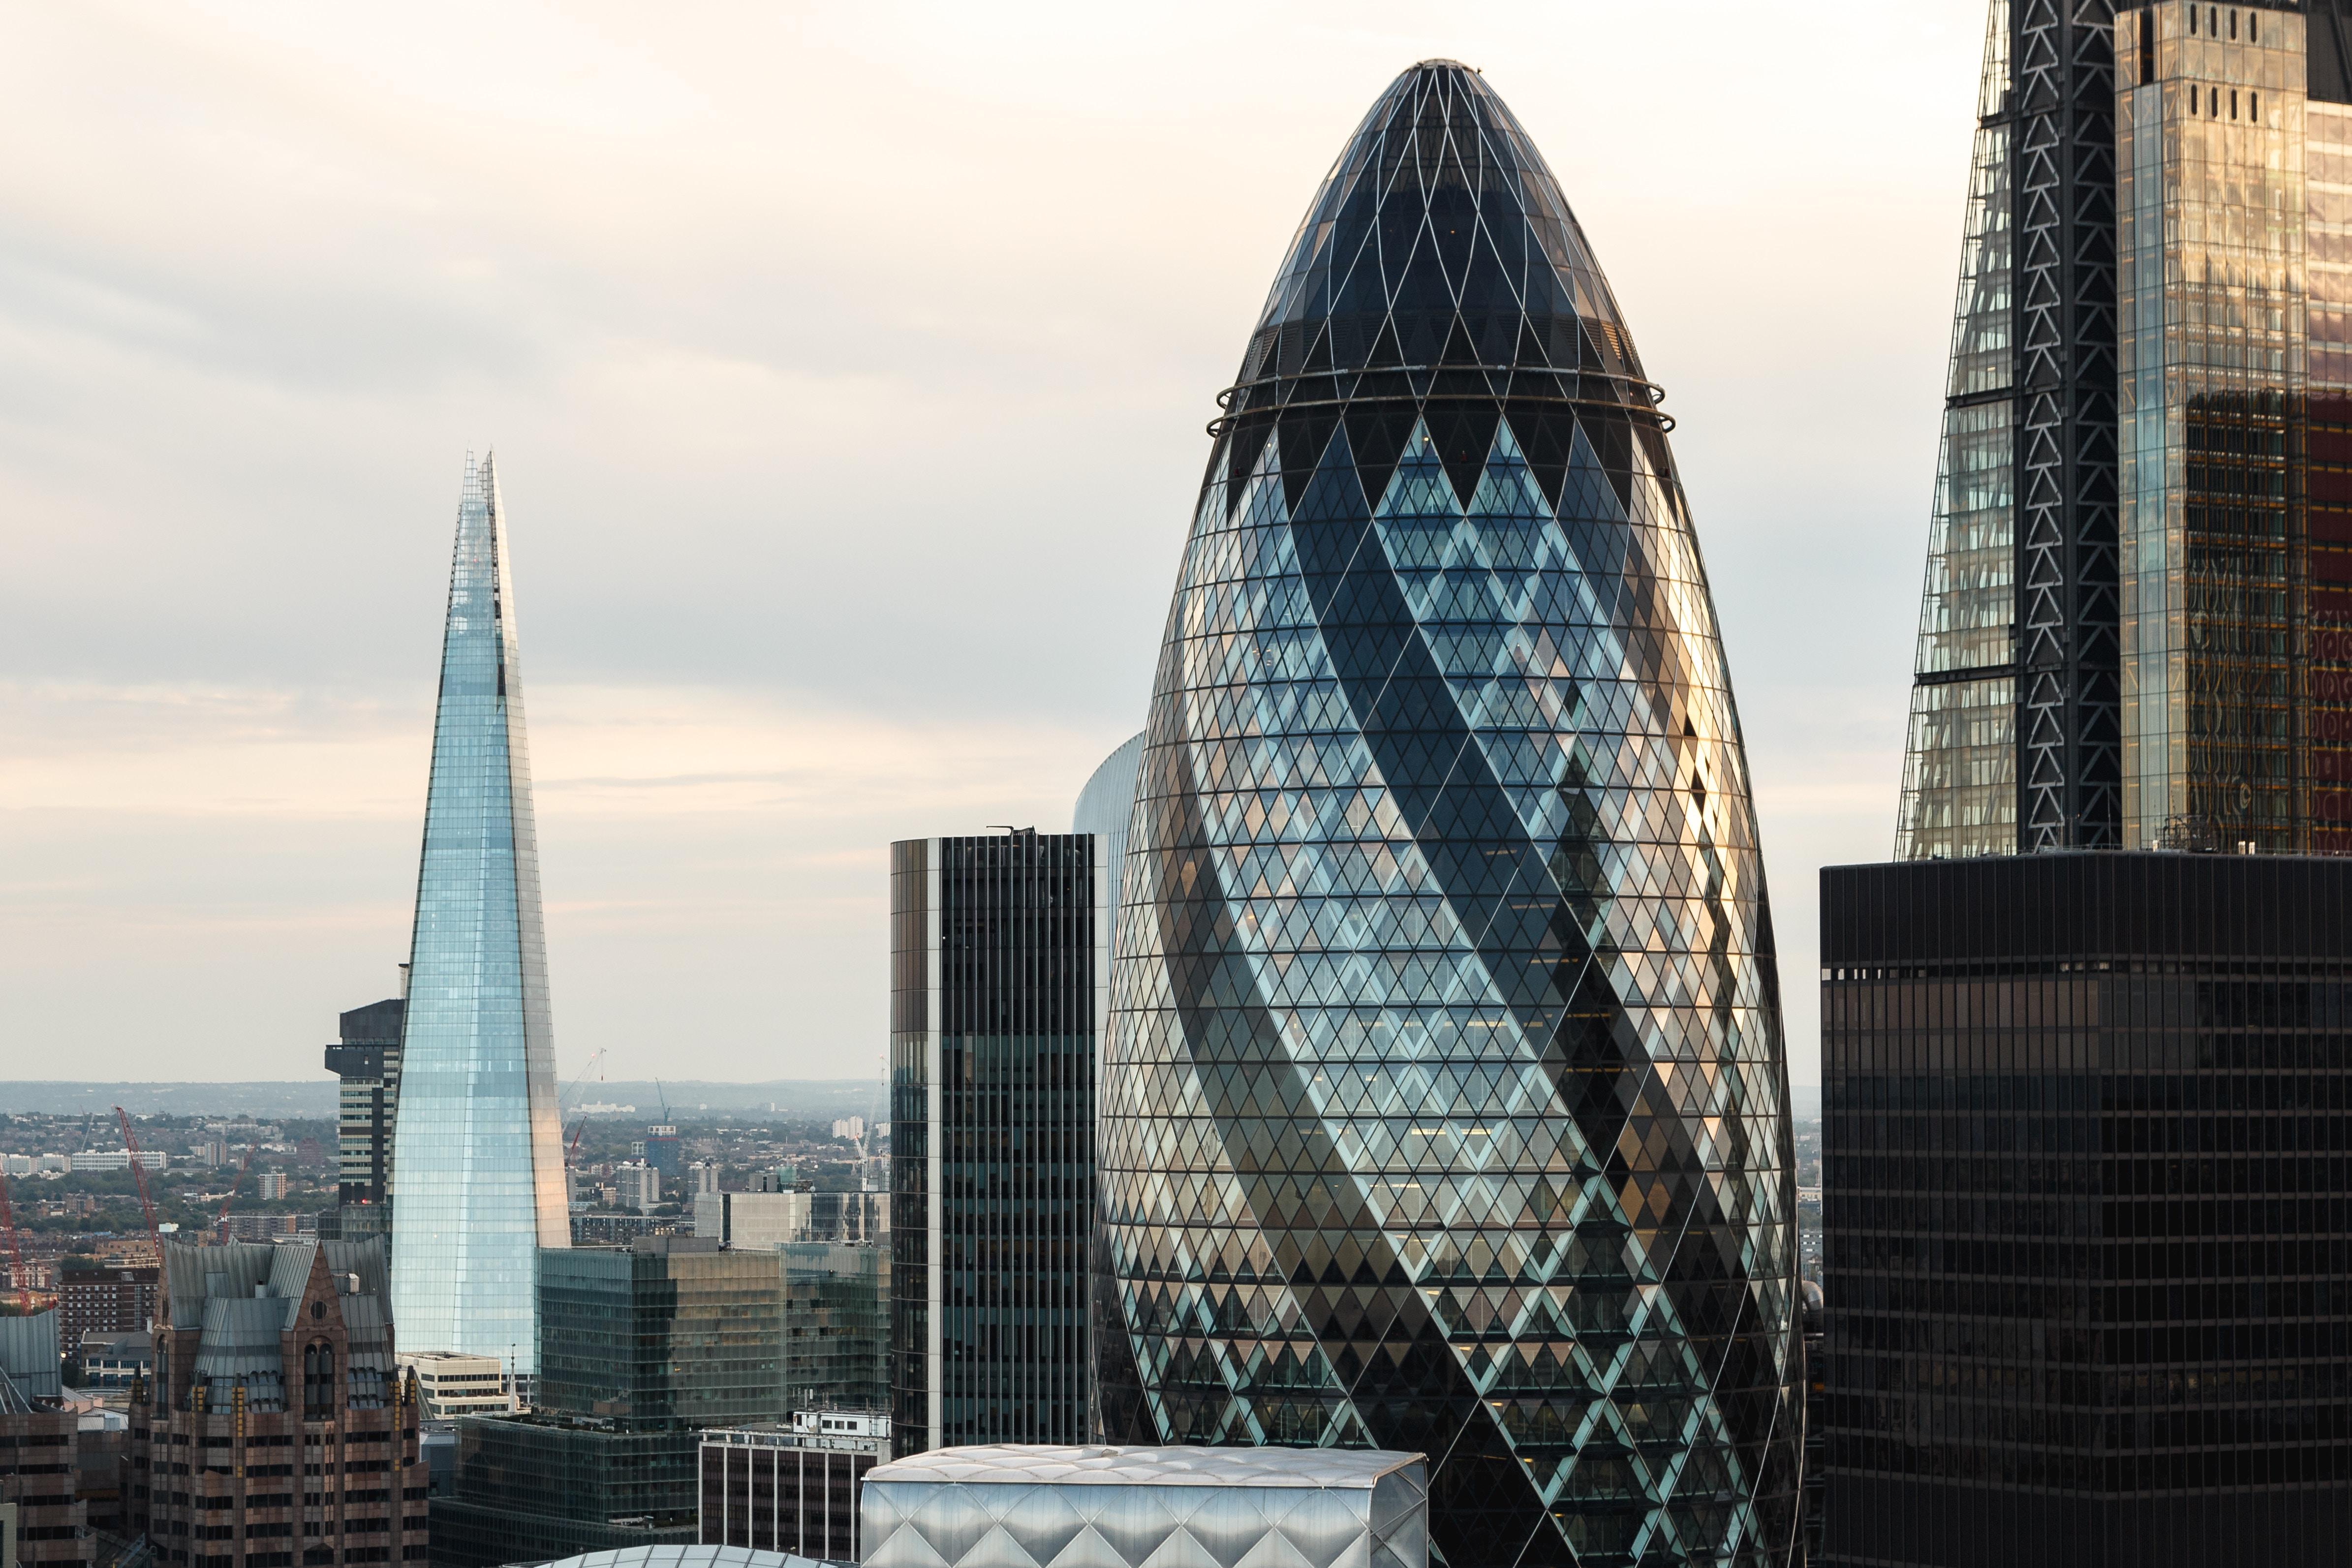 m&a praktikum london erfahrungen erfahrungsbericht